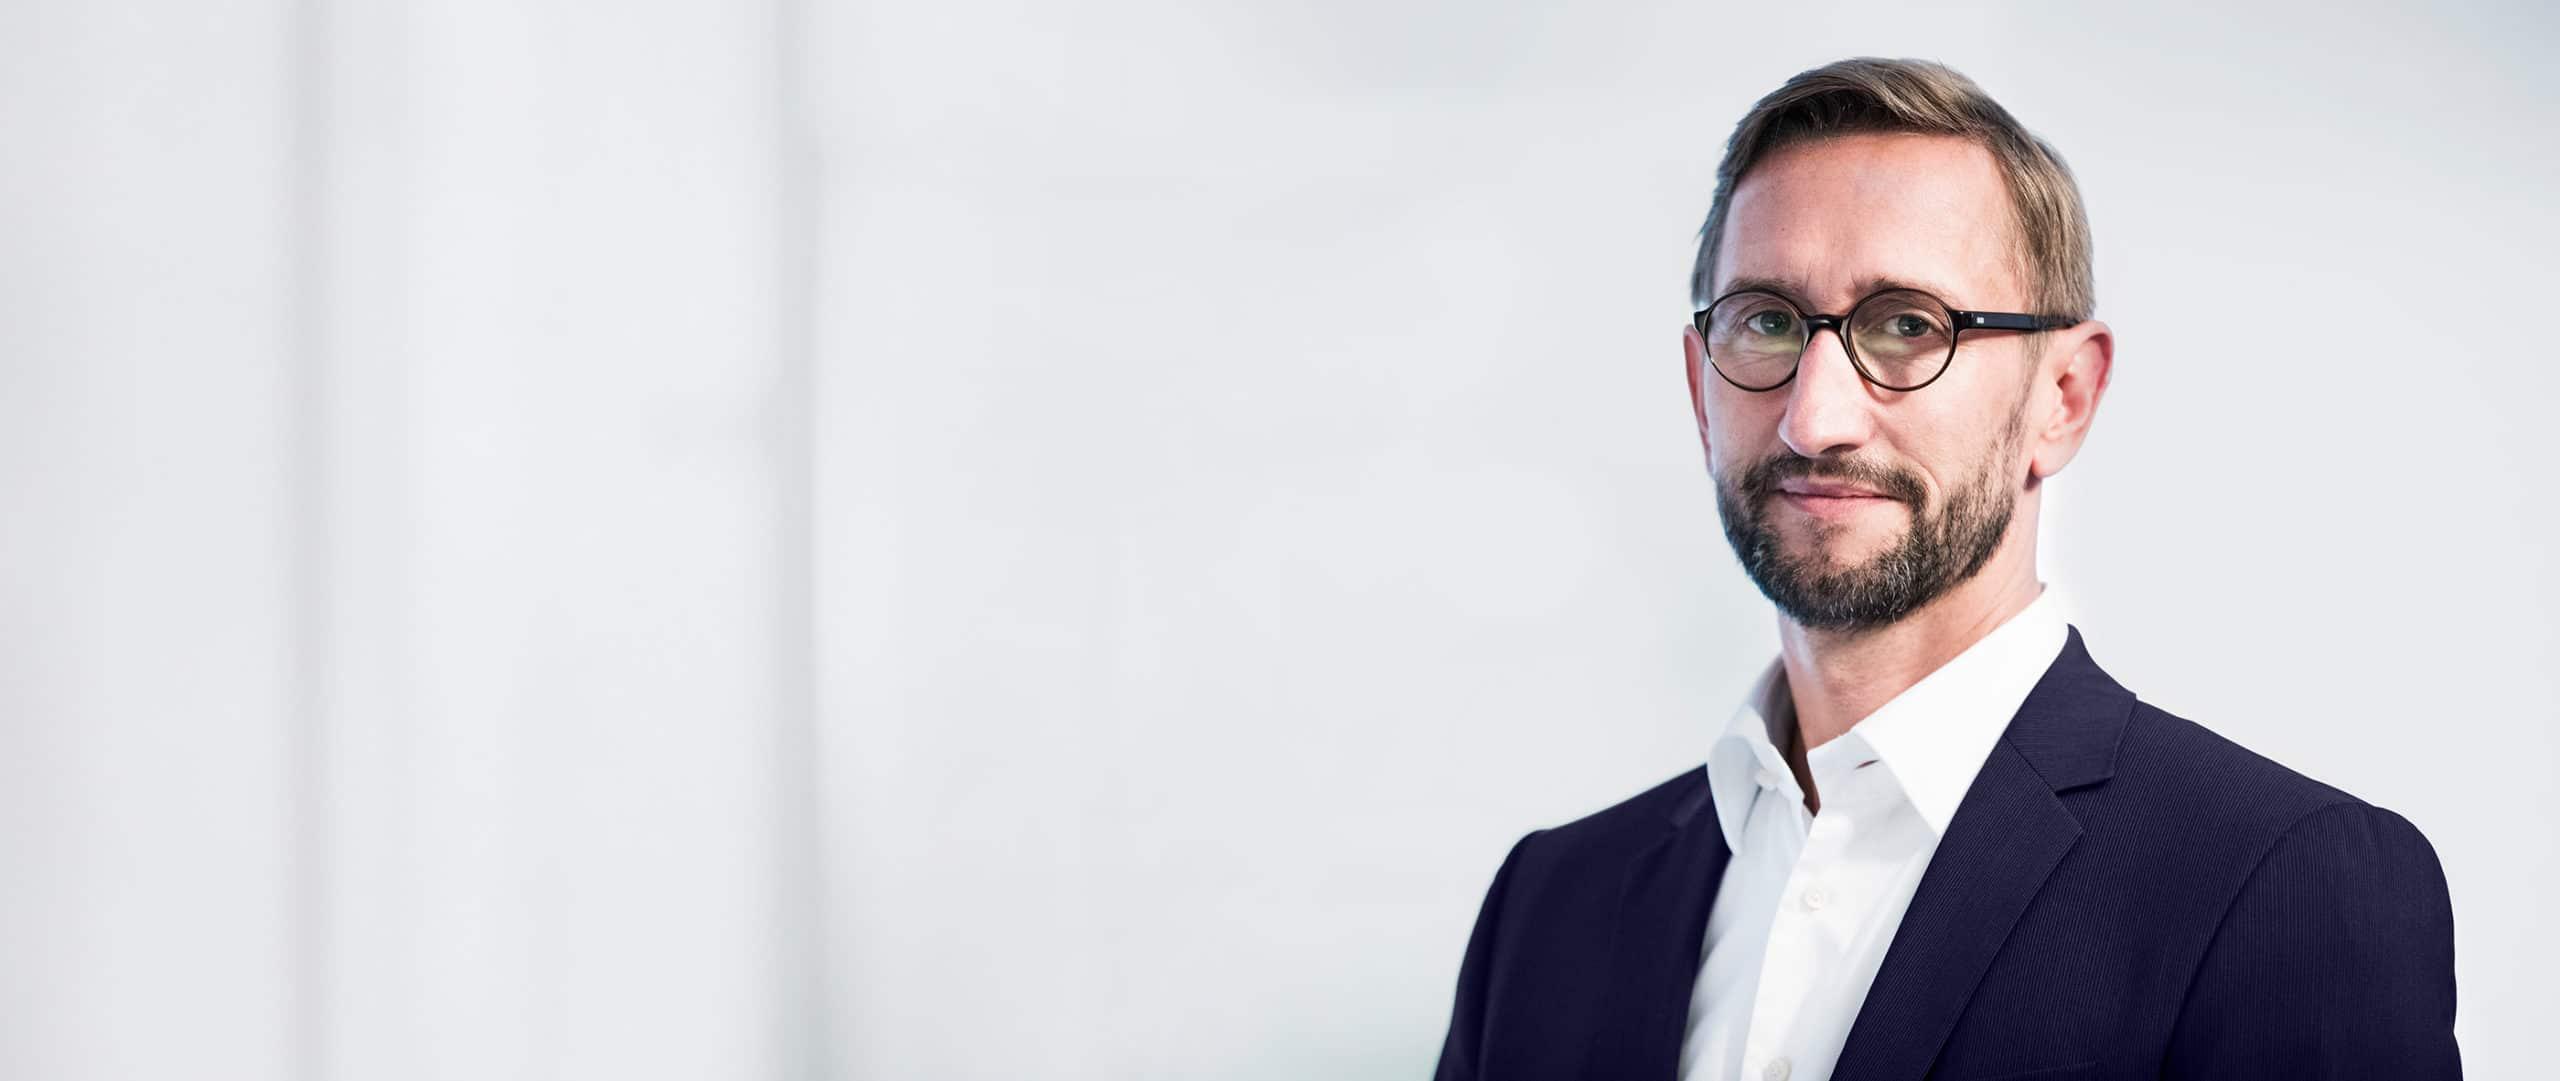 Jörg Hartmann Ihr Rechtsanwalt Und Fachanwalt Für Strafrecht